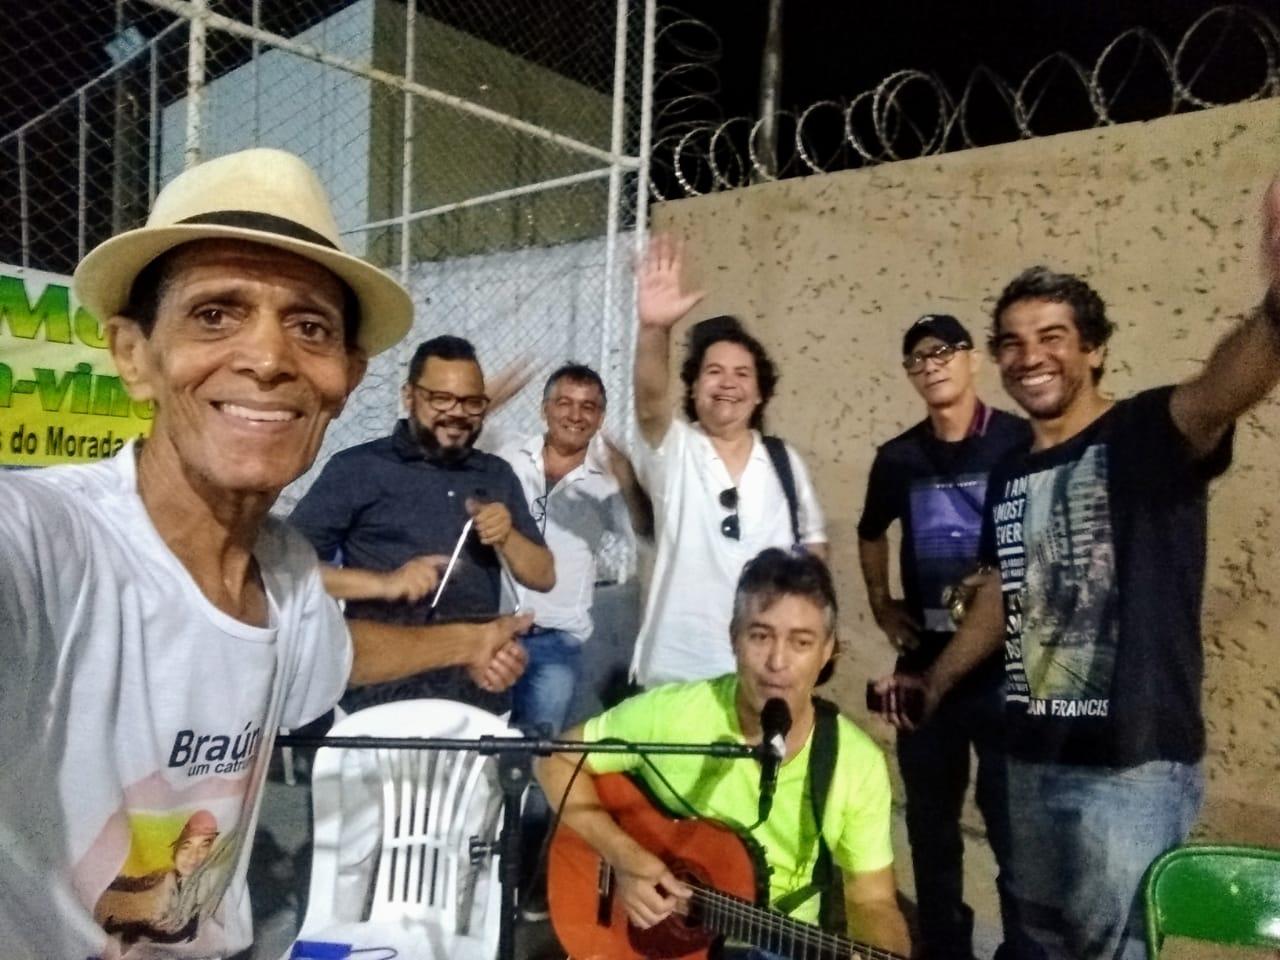 Imagem de destaque 29ª FESTA DO PEQUI - Música regional será a atração deste domingo